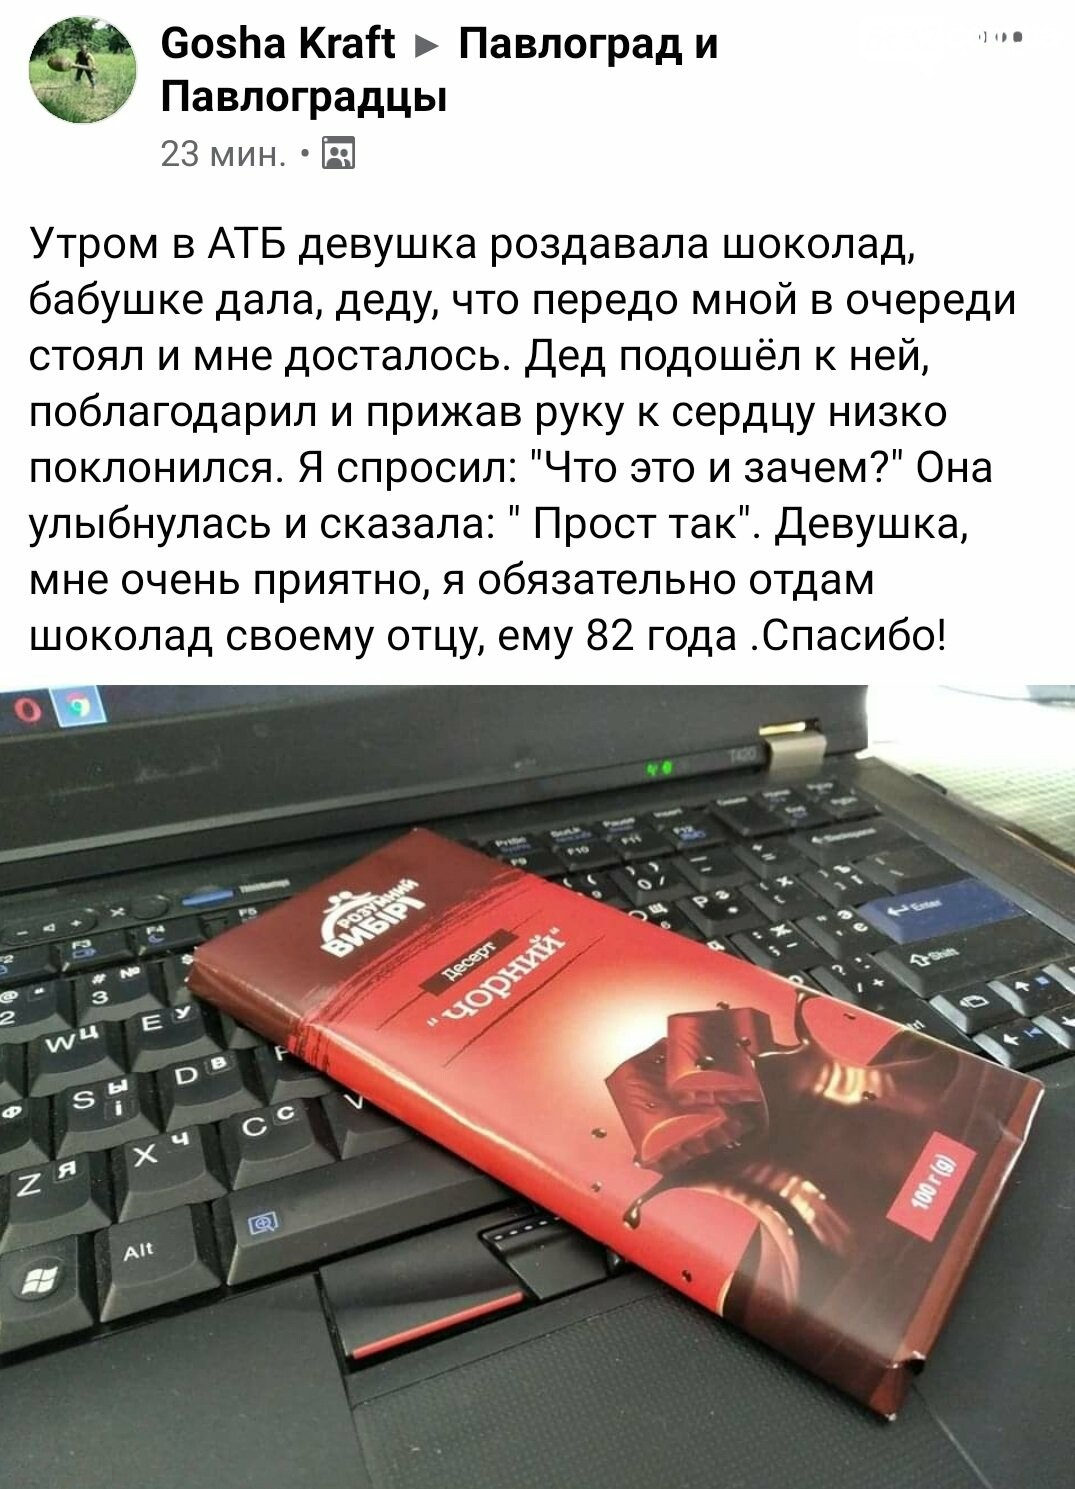 В Павлограде девушка раздавала шоколадки. Просто так, фото-1